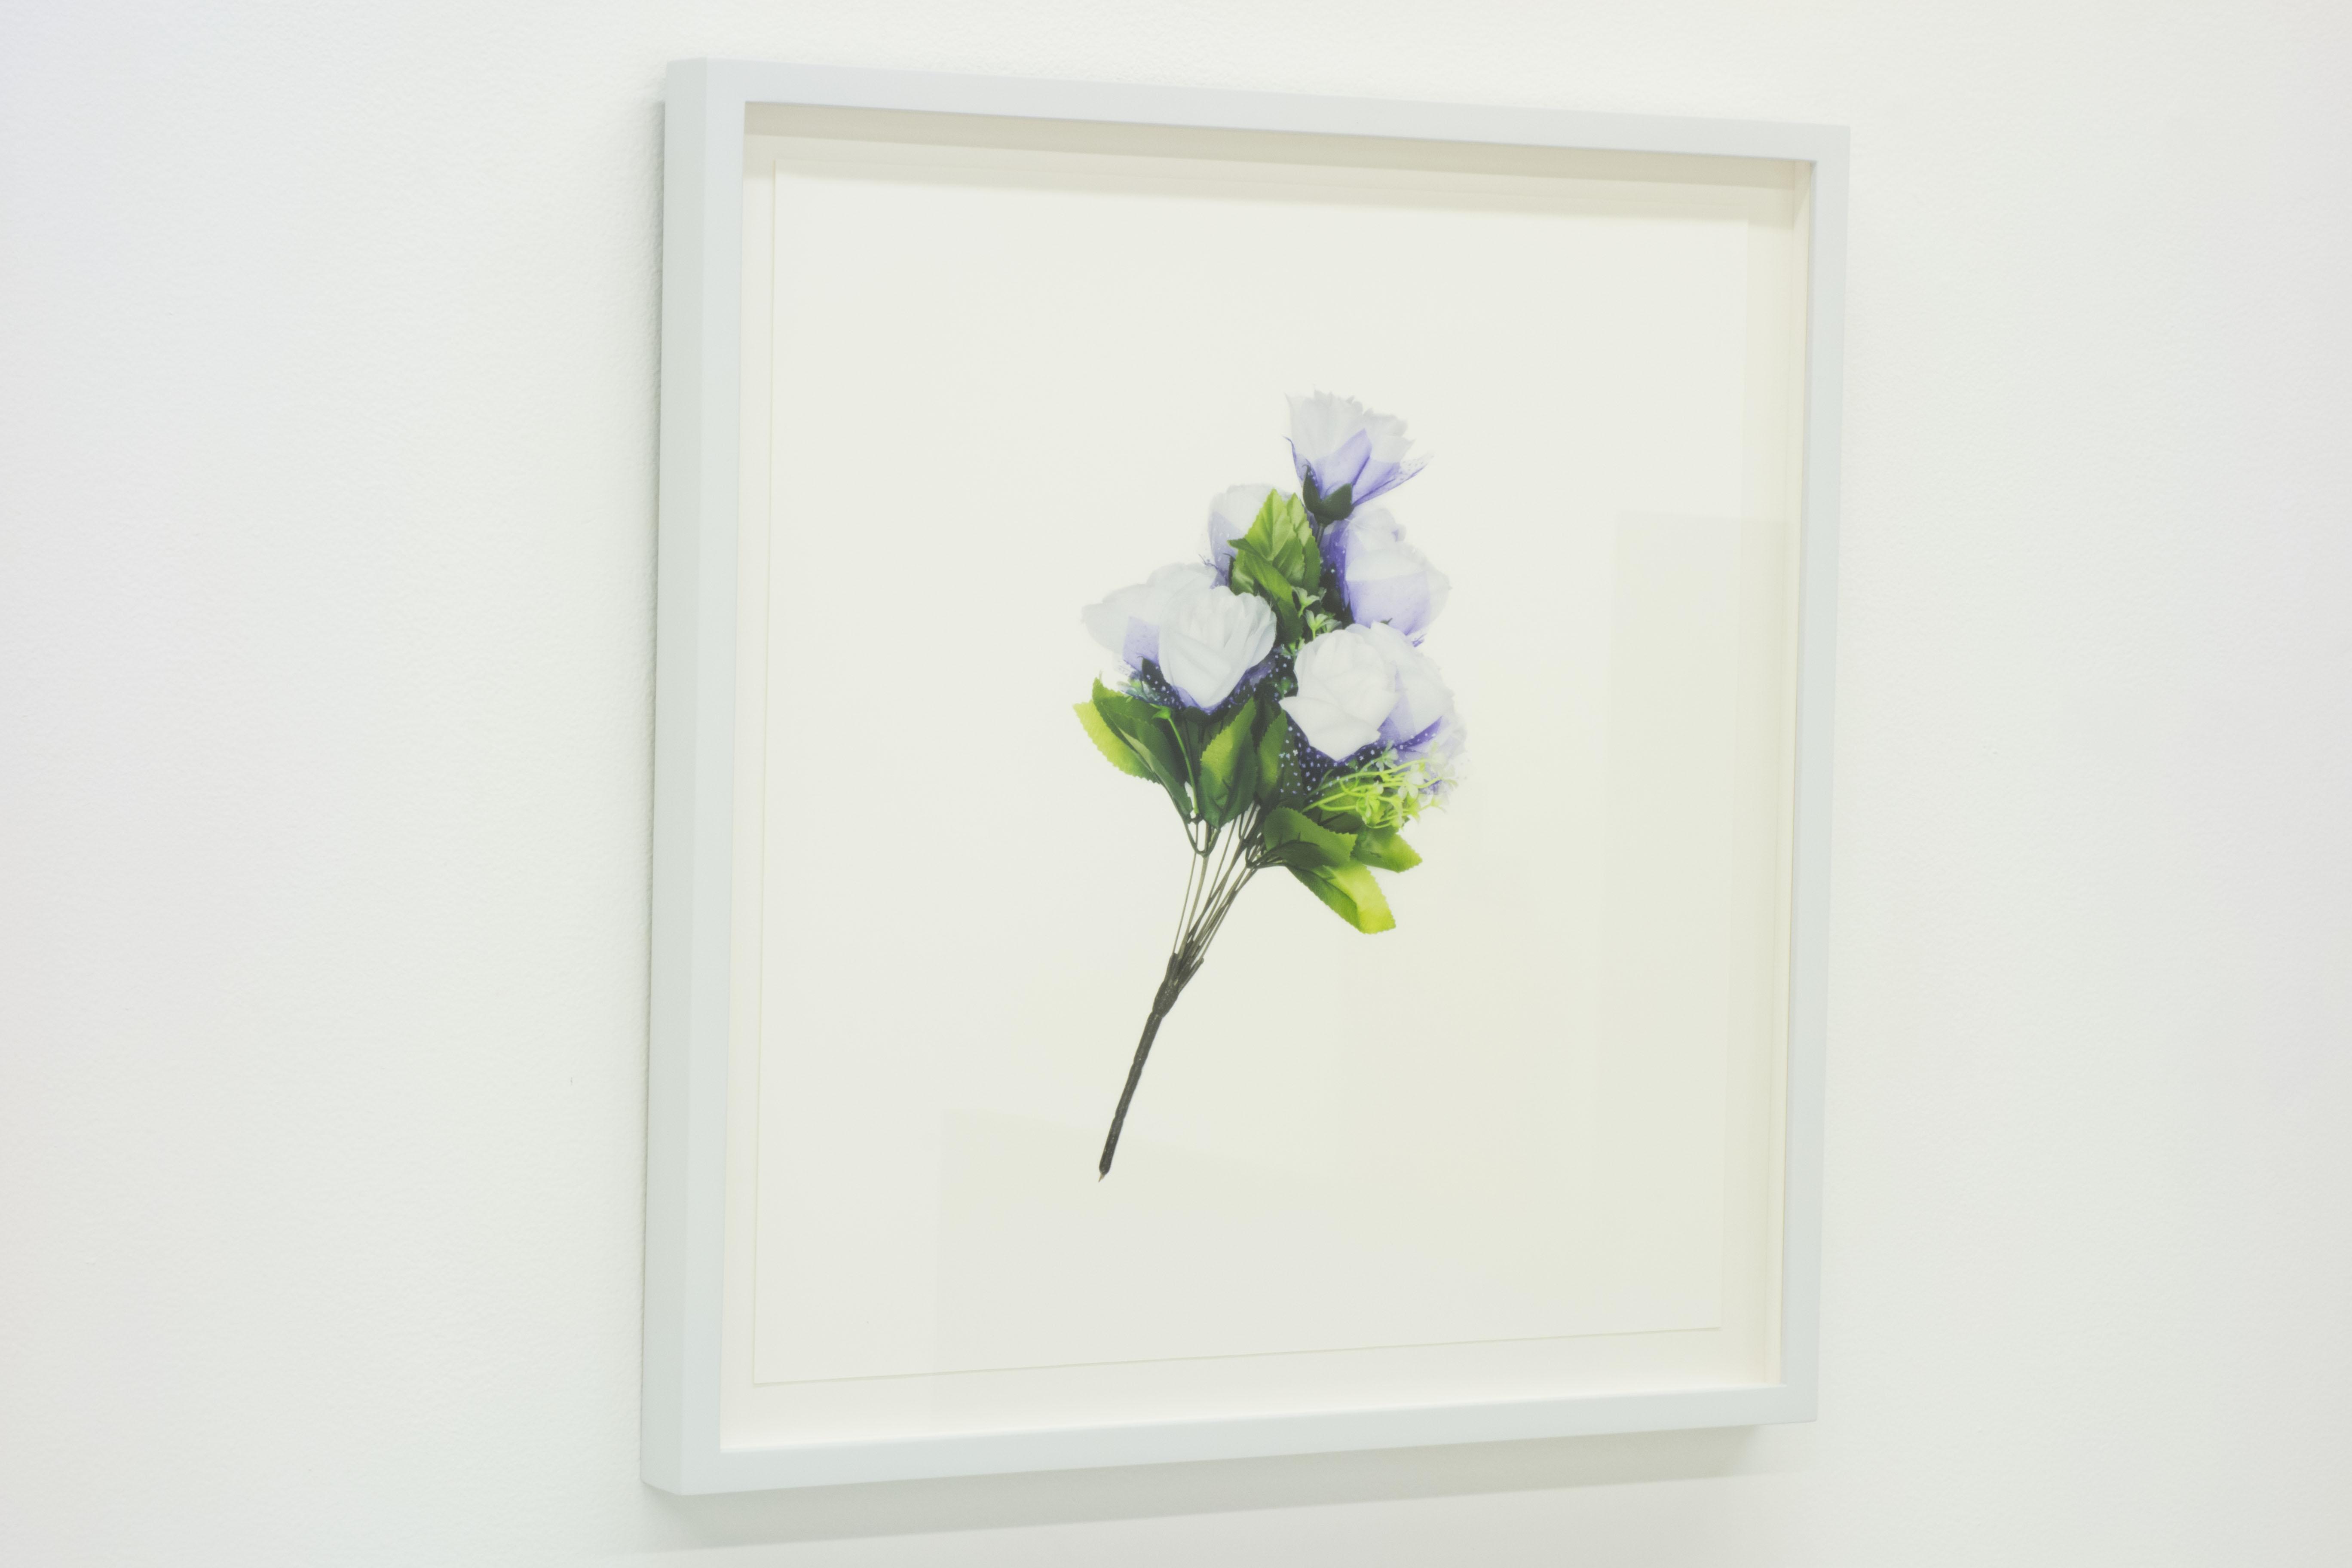 FLOWER PORTRAIT (lavender) 2014